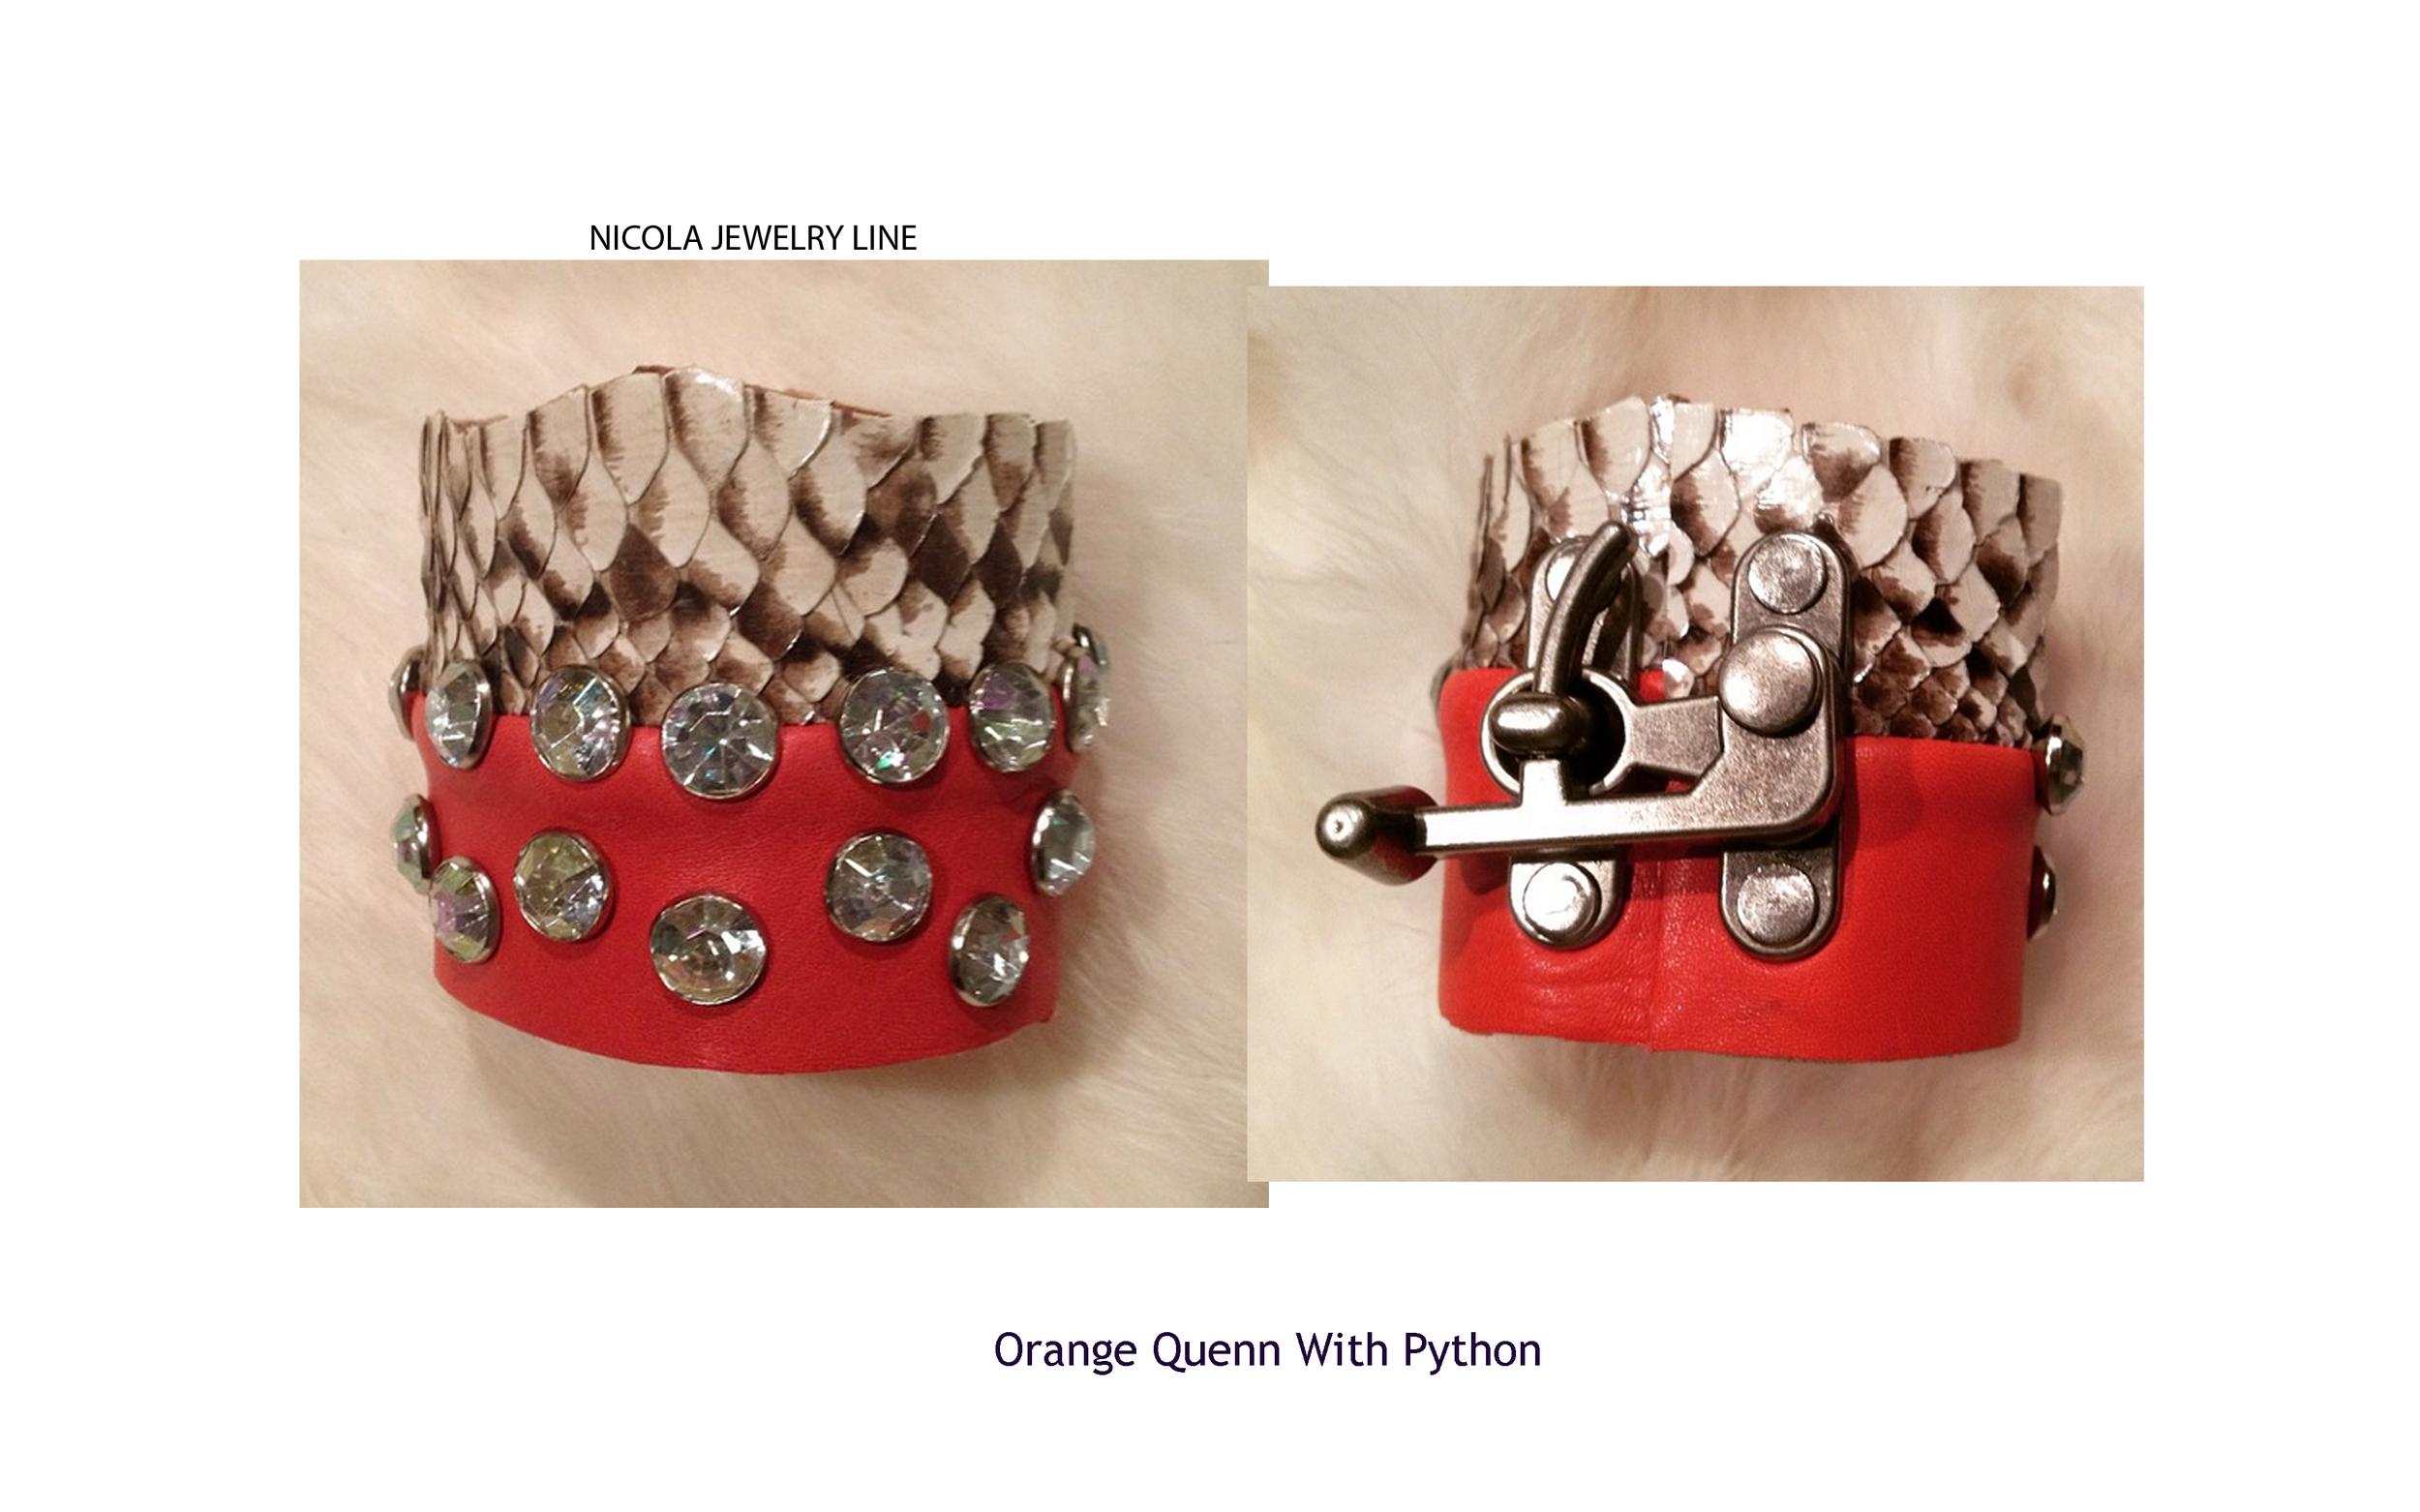 ORANGE QUEEN WITH PYTHON copy.jpg